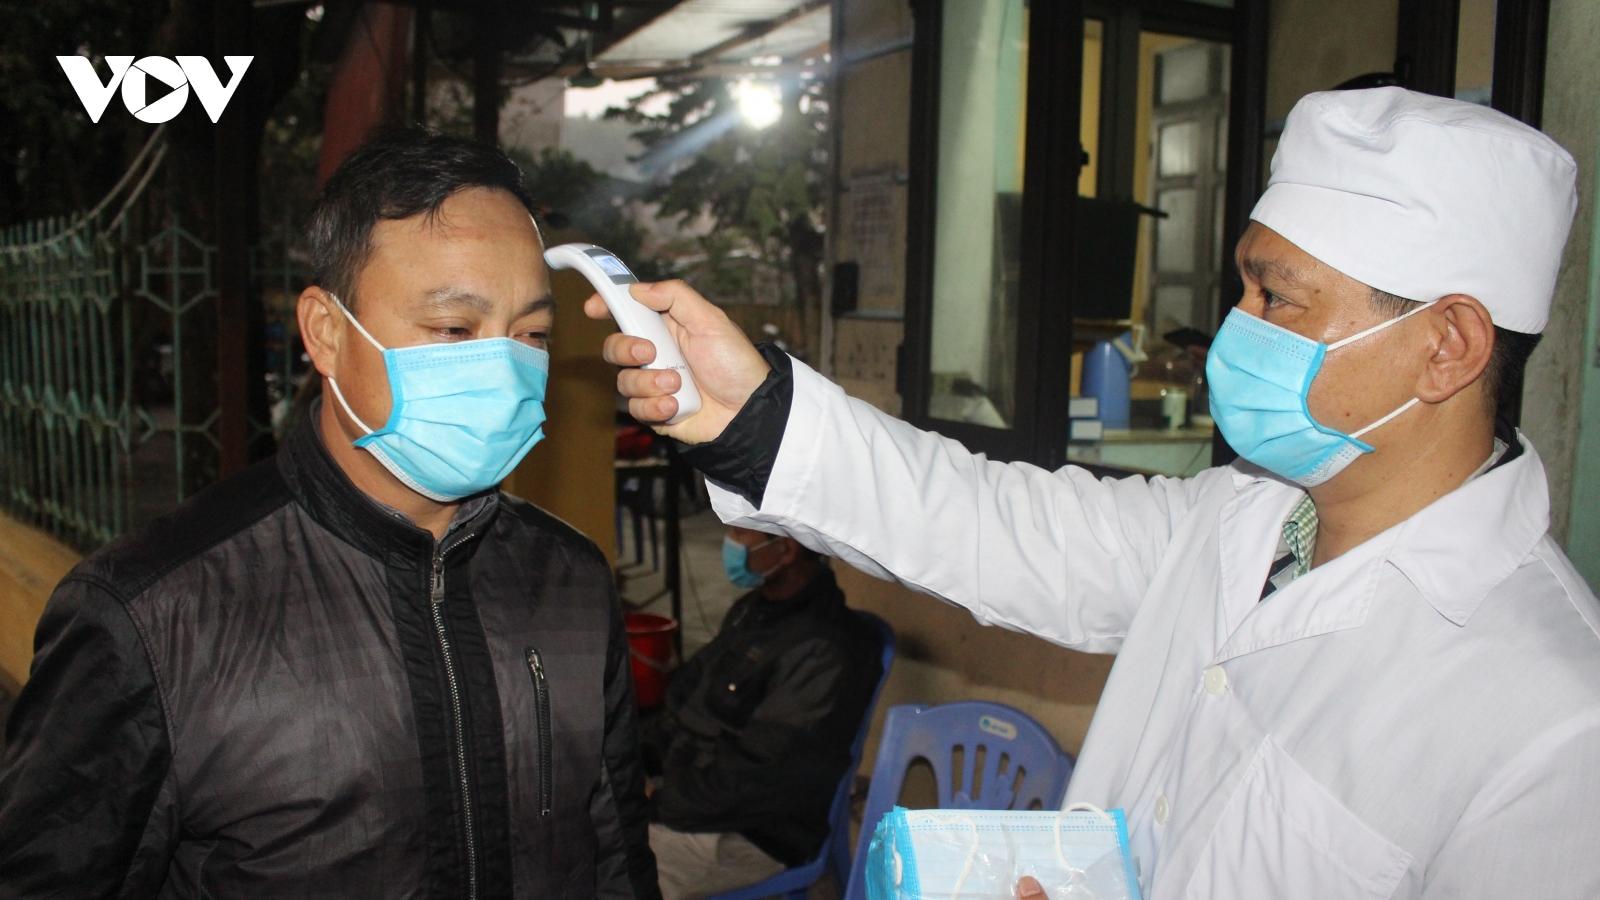 Tập đoàn Than khoáng sản Việt Nam tặng Quảng Ninh 4 máy xét nghiệm virus SARS-CoV-2